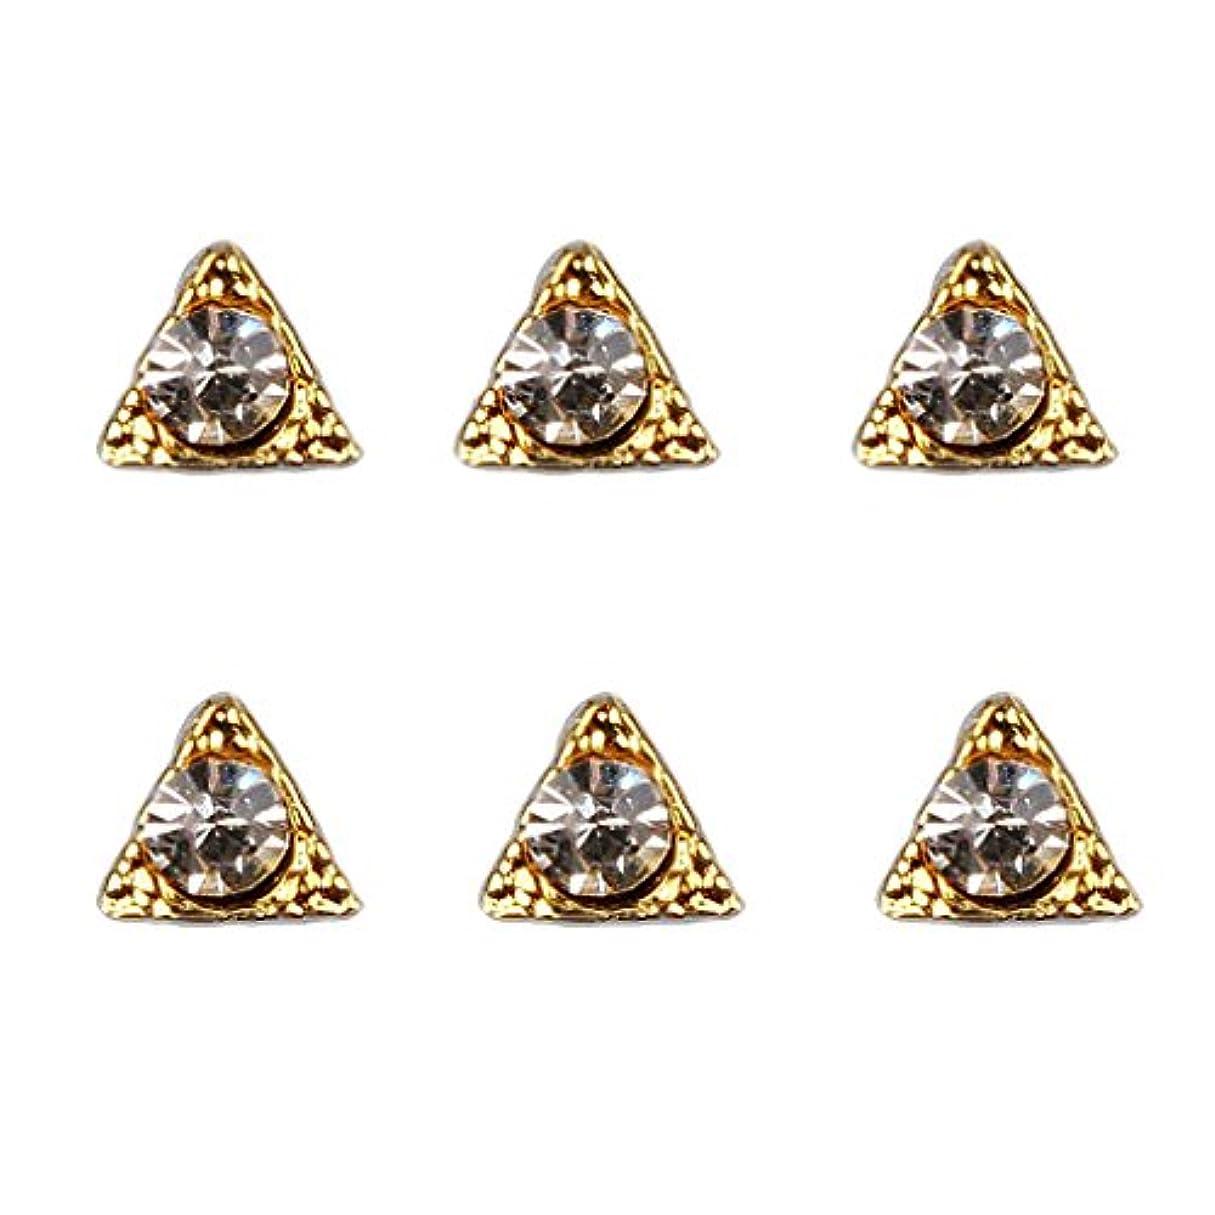 物理的にくさびパッドネイル ネイルデザイン ダイヤモンド 3Dネイルアート ヒントステッカー デコレーション 50個入り - 7